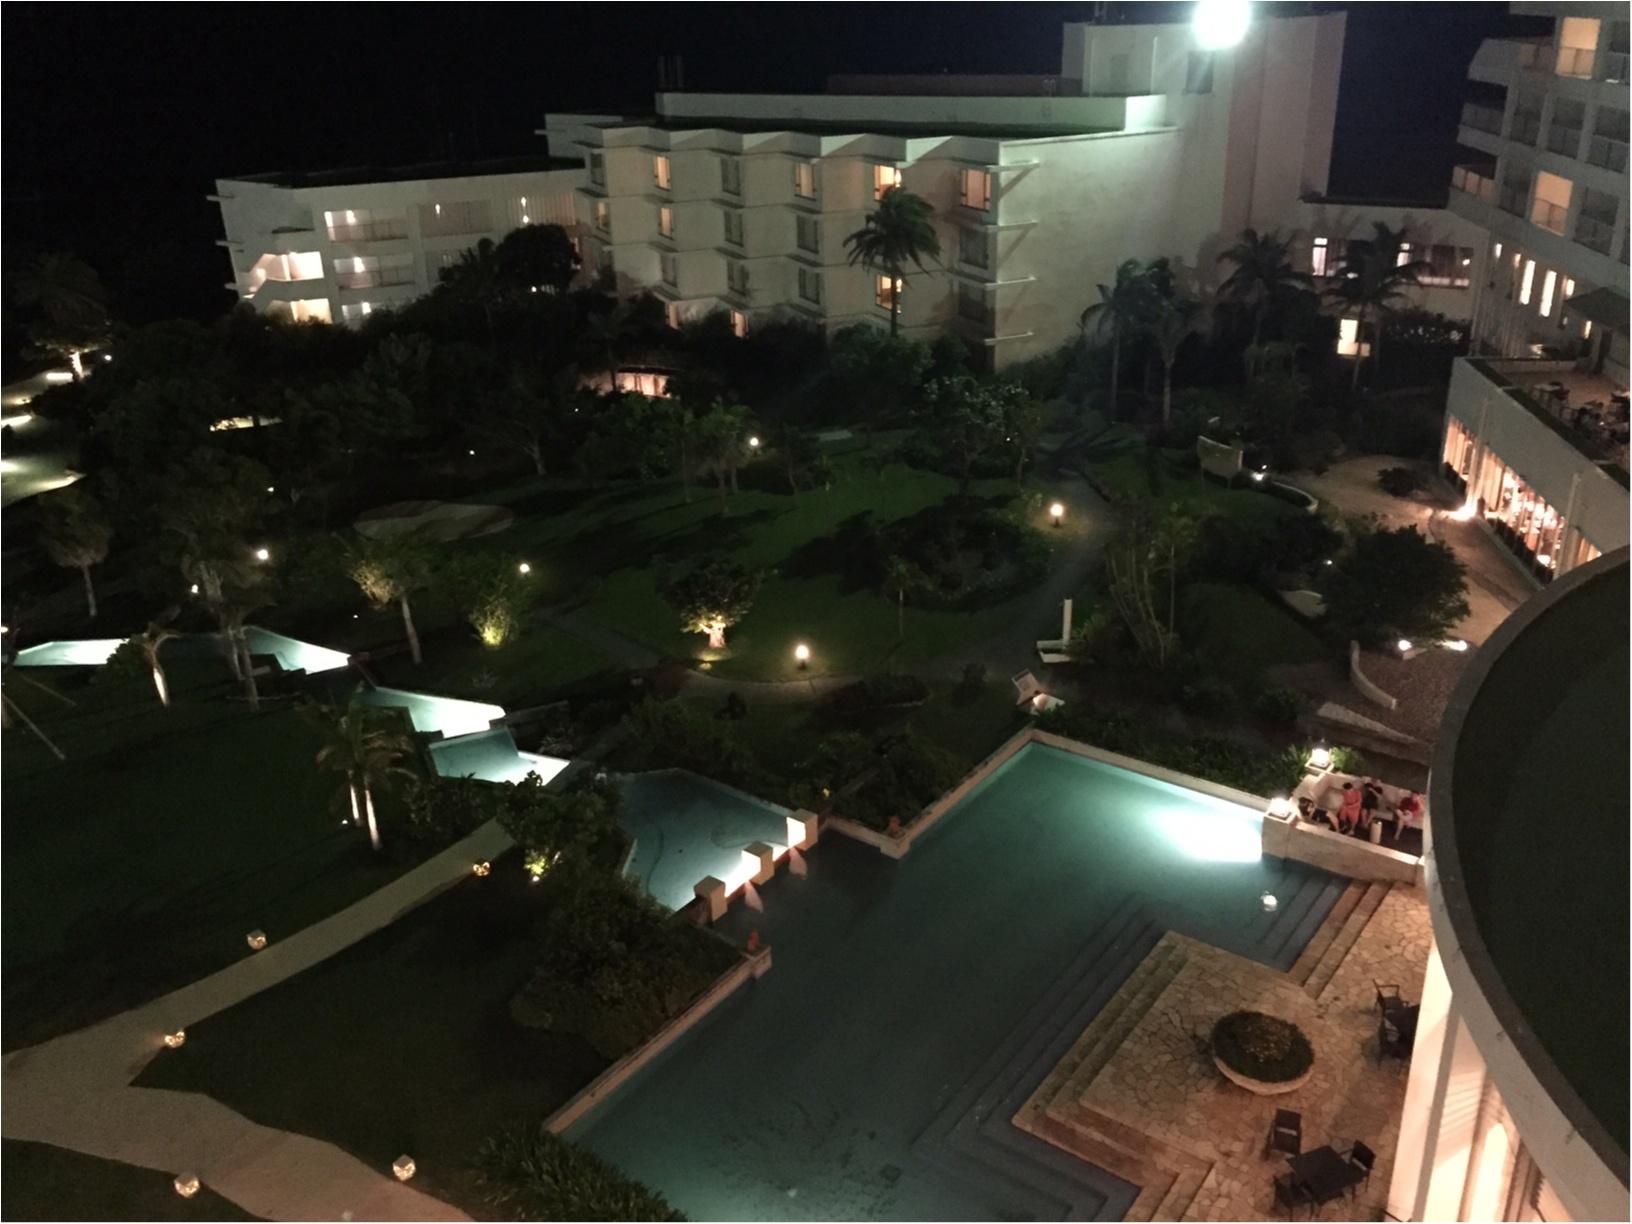 【沖縄離島の旅⑤】滞在は、海と空の石垣ブルーに包まれたリゾートで_2